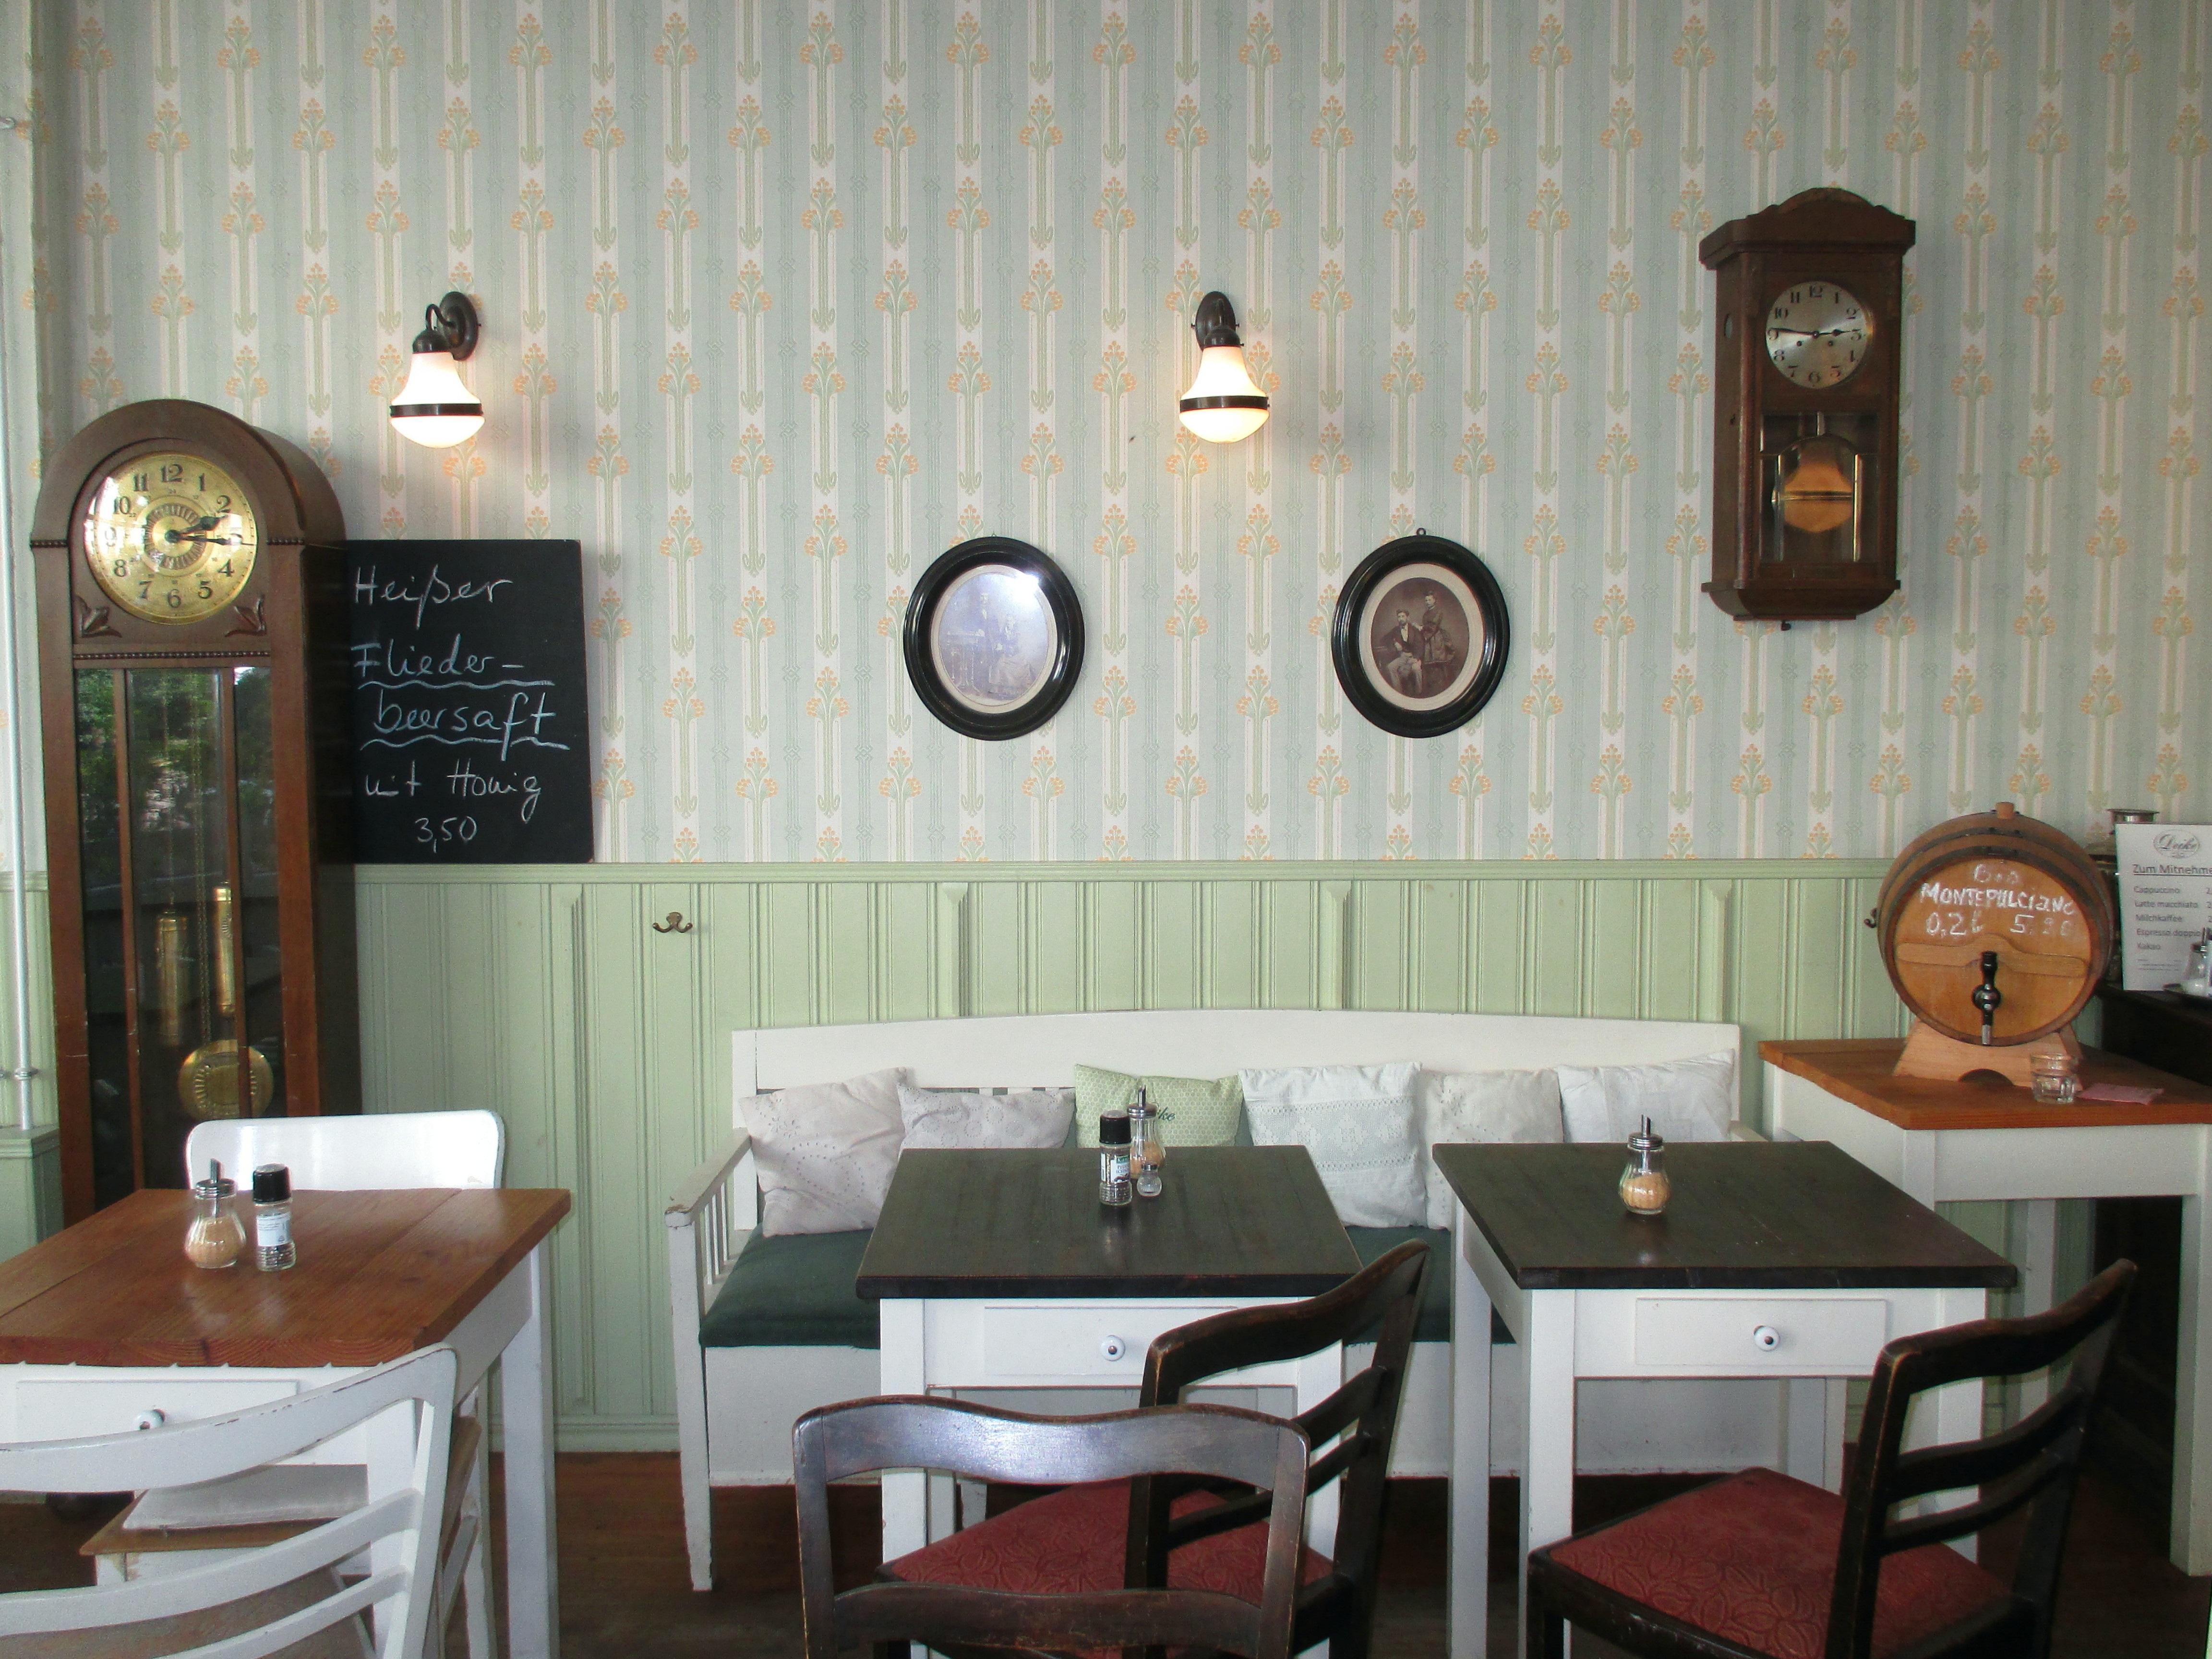 Gratis Afbeeldingen : cafe, restaurant, huis-, huisje, knus ...